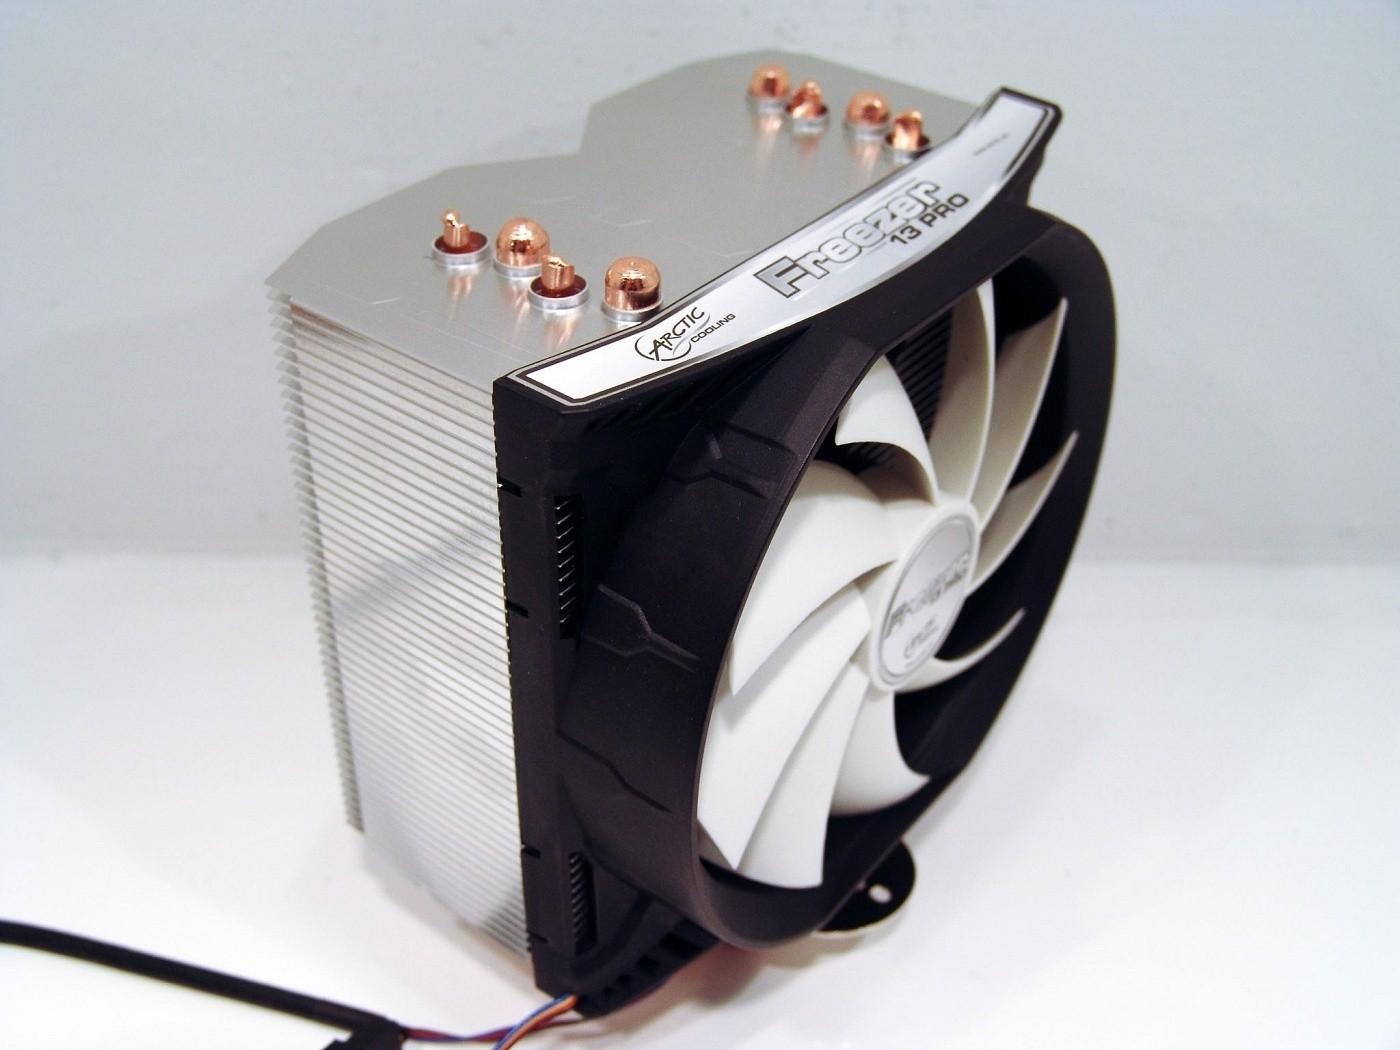 3872_99_arctic_cooling_freezer_13_pro_cpu_cooler_review